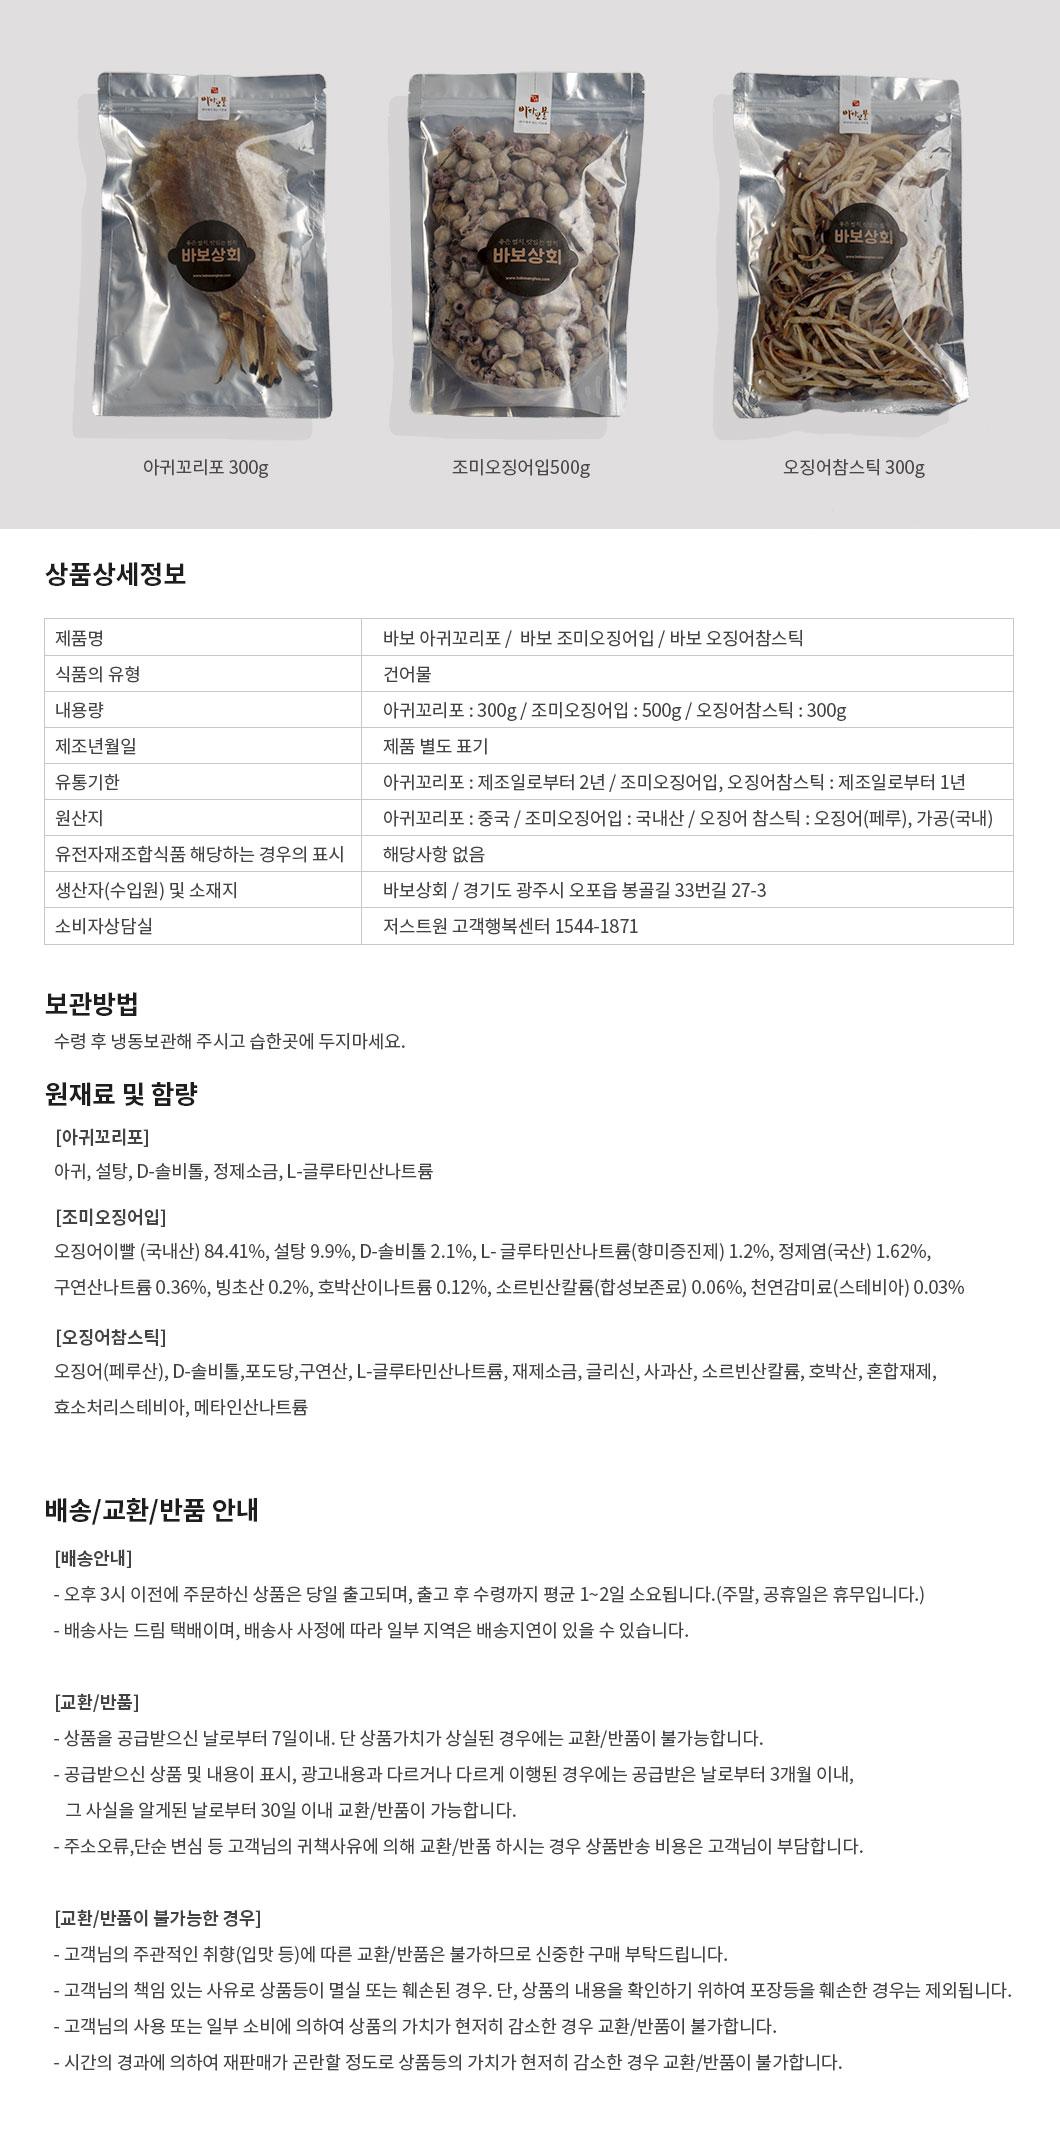 바보상회-건어물3종-상세정보.jpg